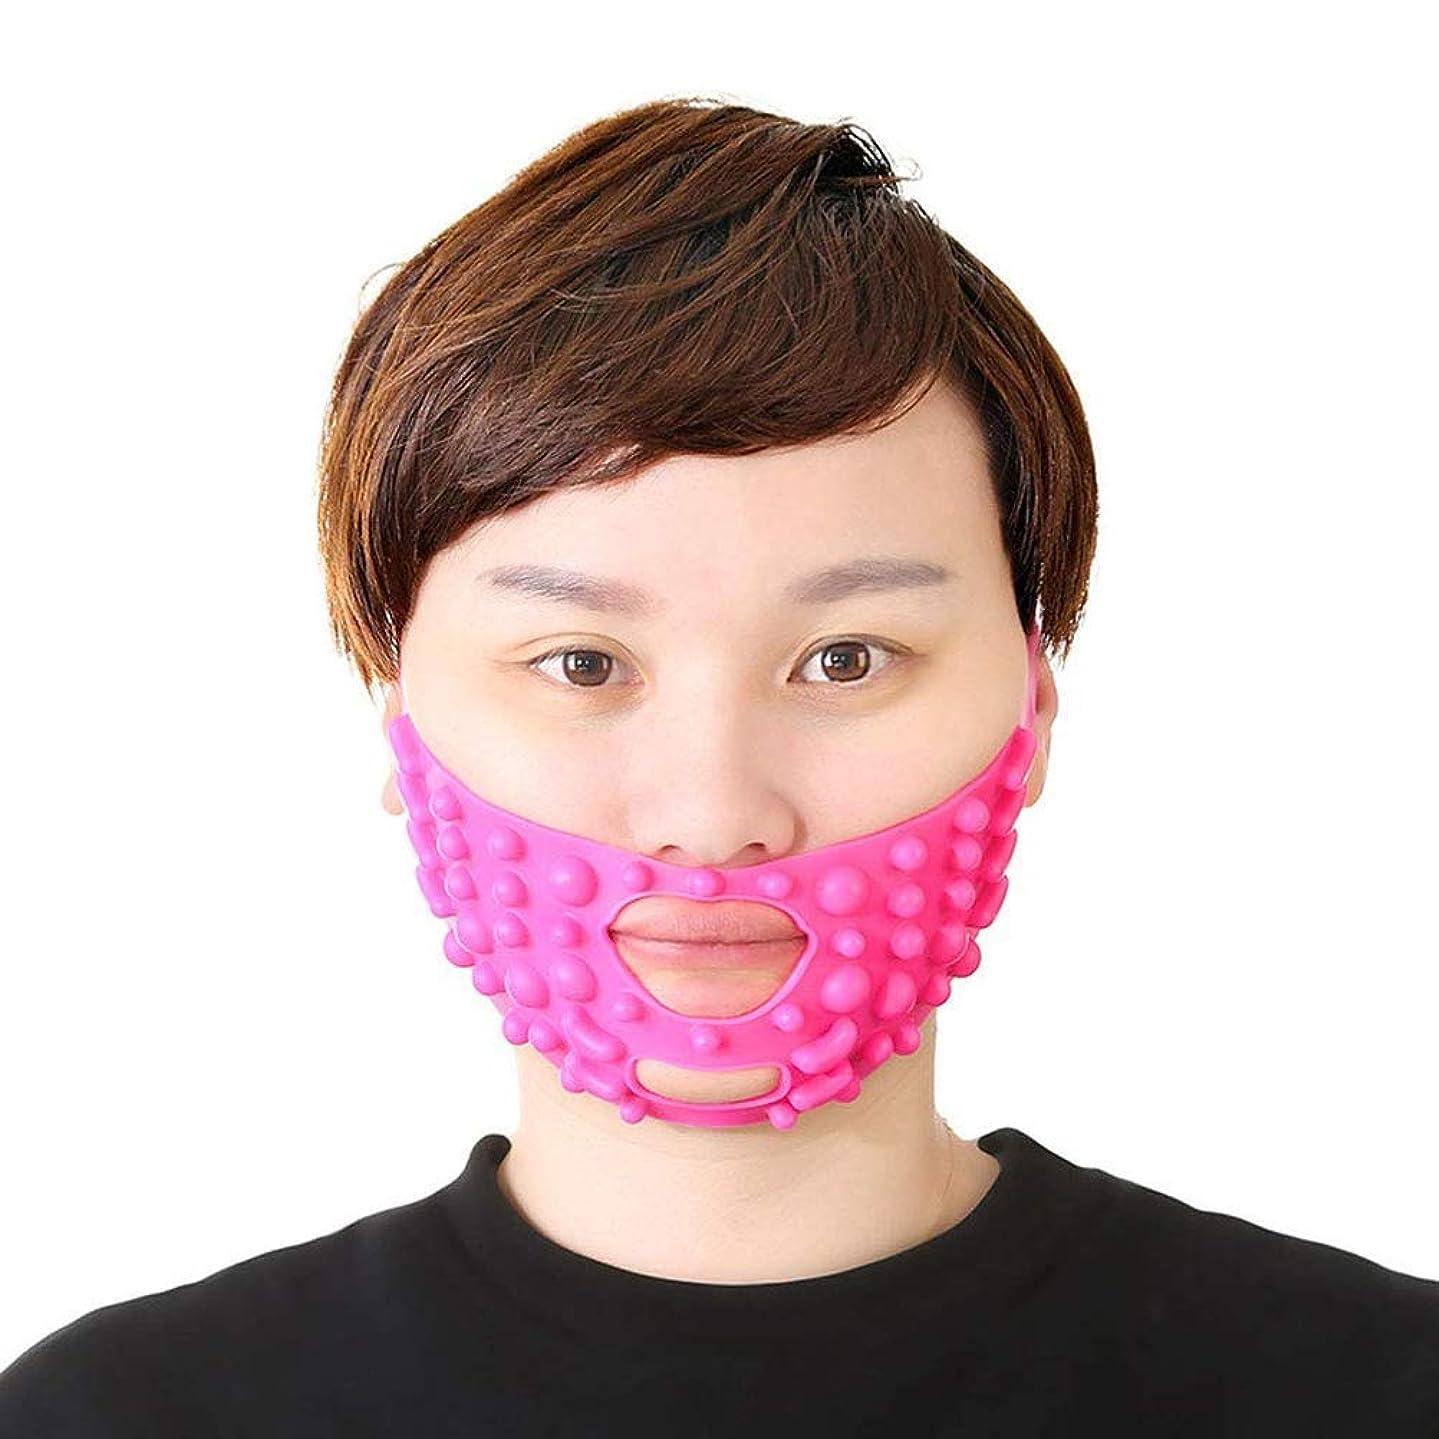 骨肥満アウター二重あごベルト、薄いフェイスマスク包帯、頬スリムVフェイスベルト、痩身包帯通気性ストレッチ